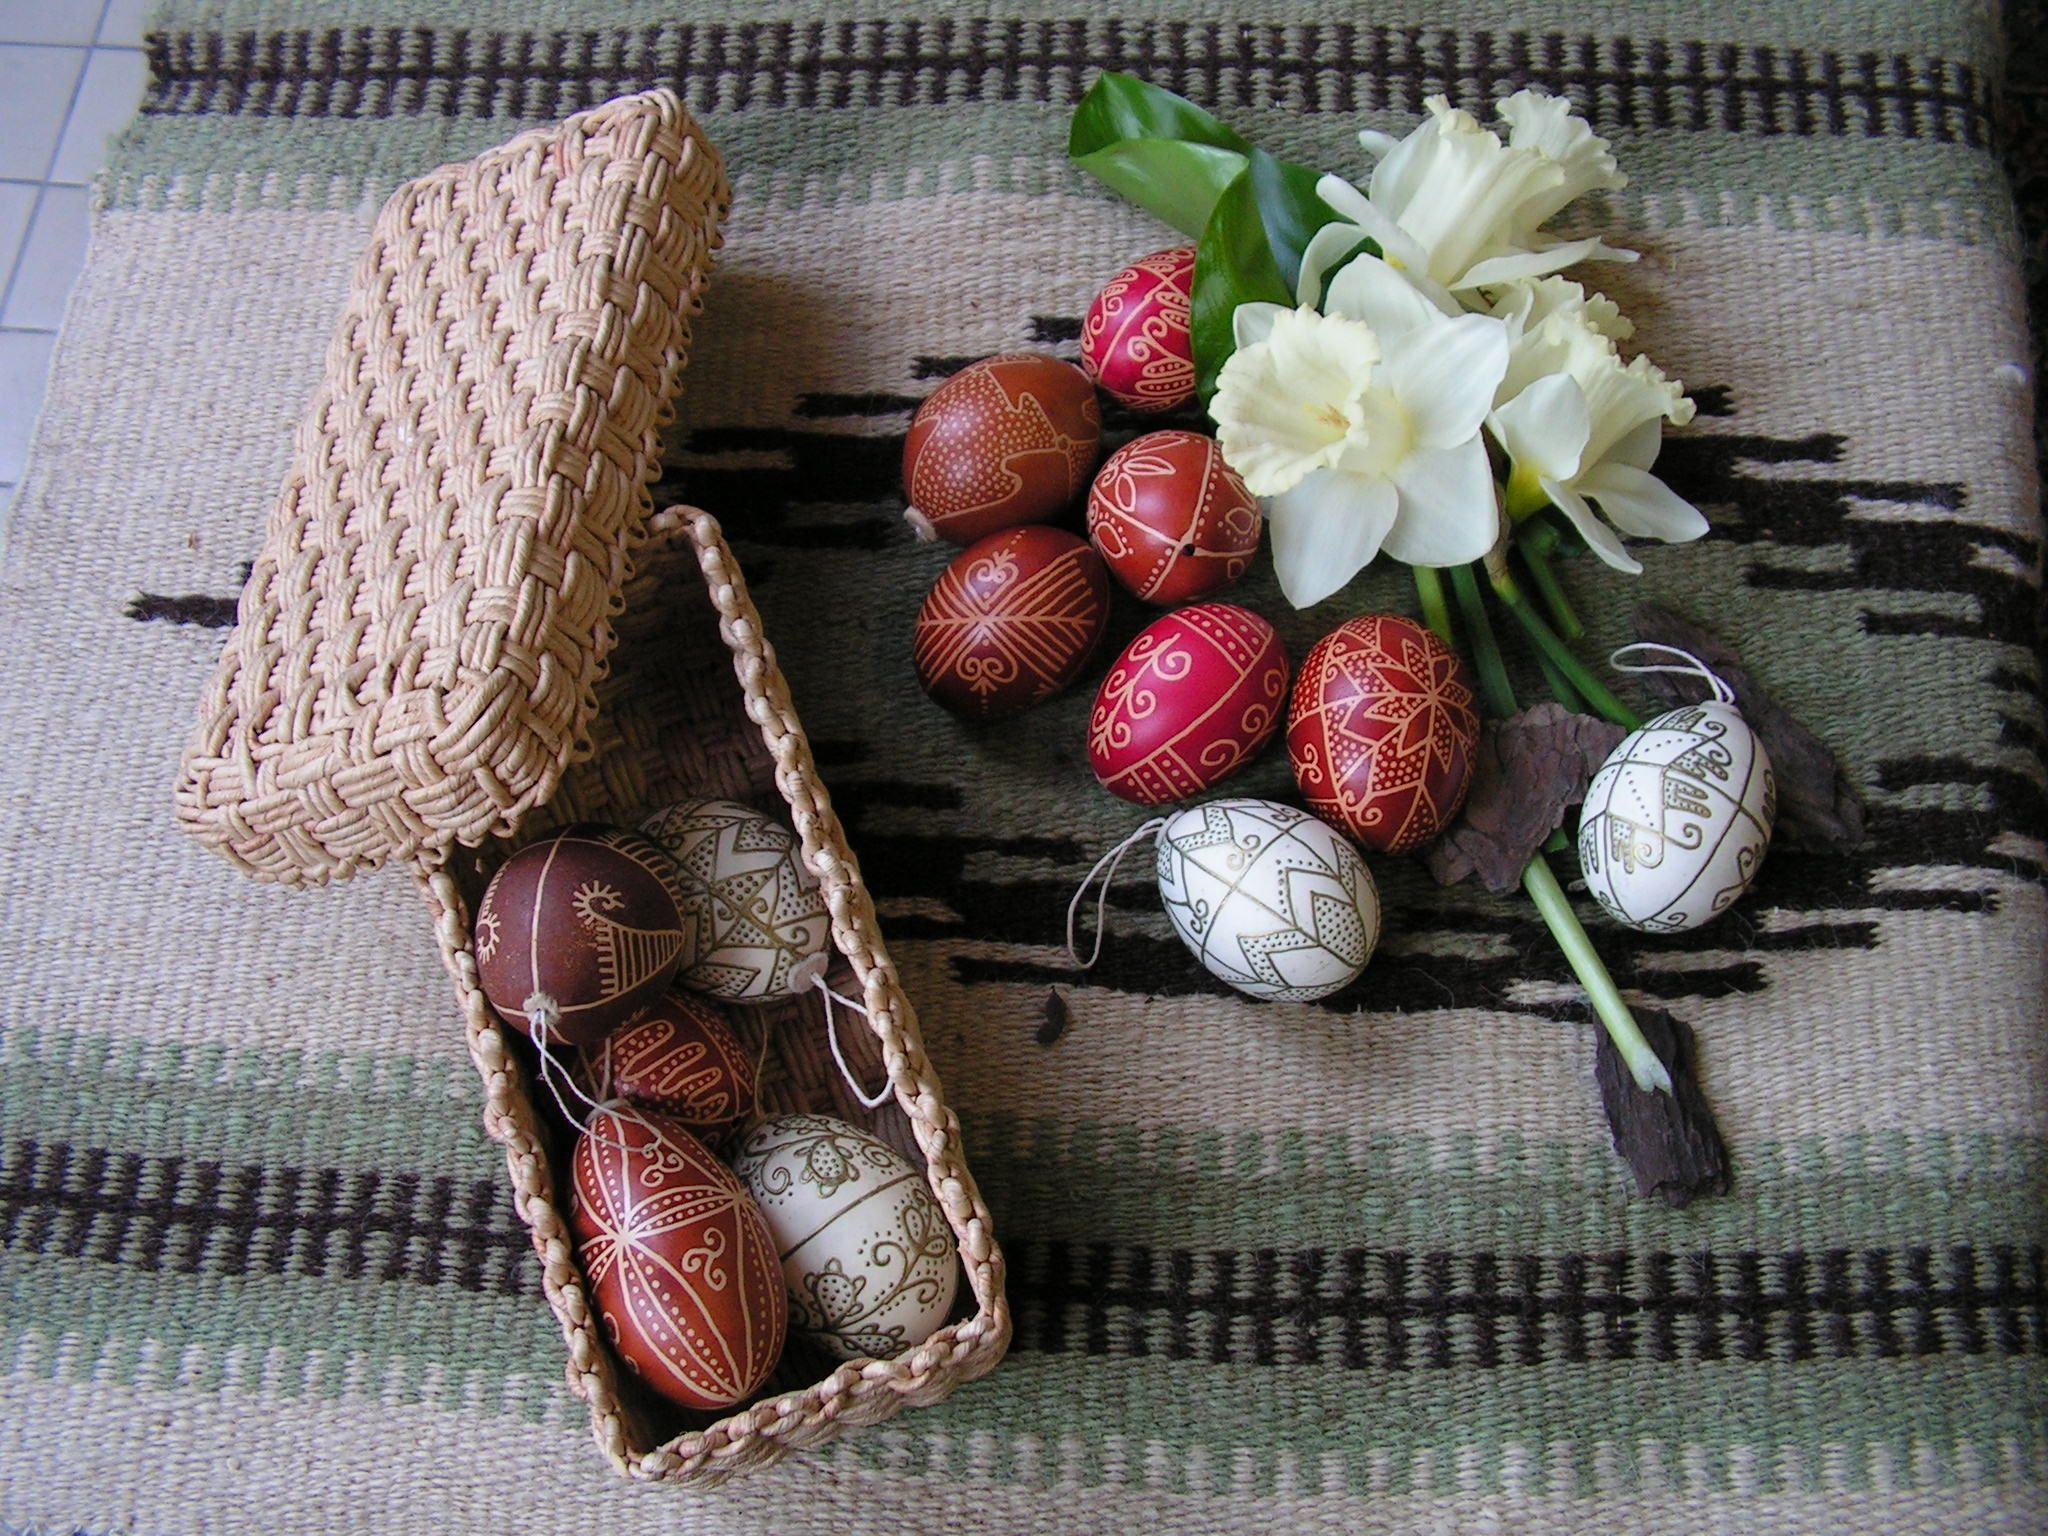 húsvéti tojások (készítette: Kókainé Vincze Éva,           fotó : Tóth Gyöngyi)